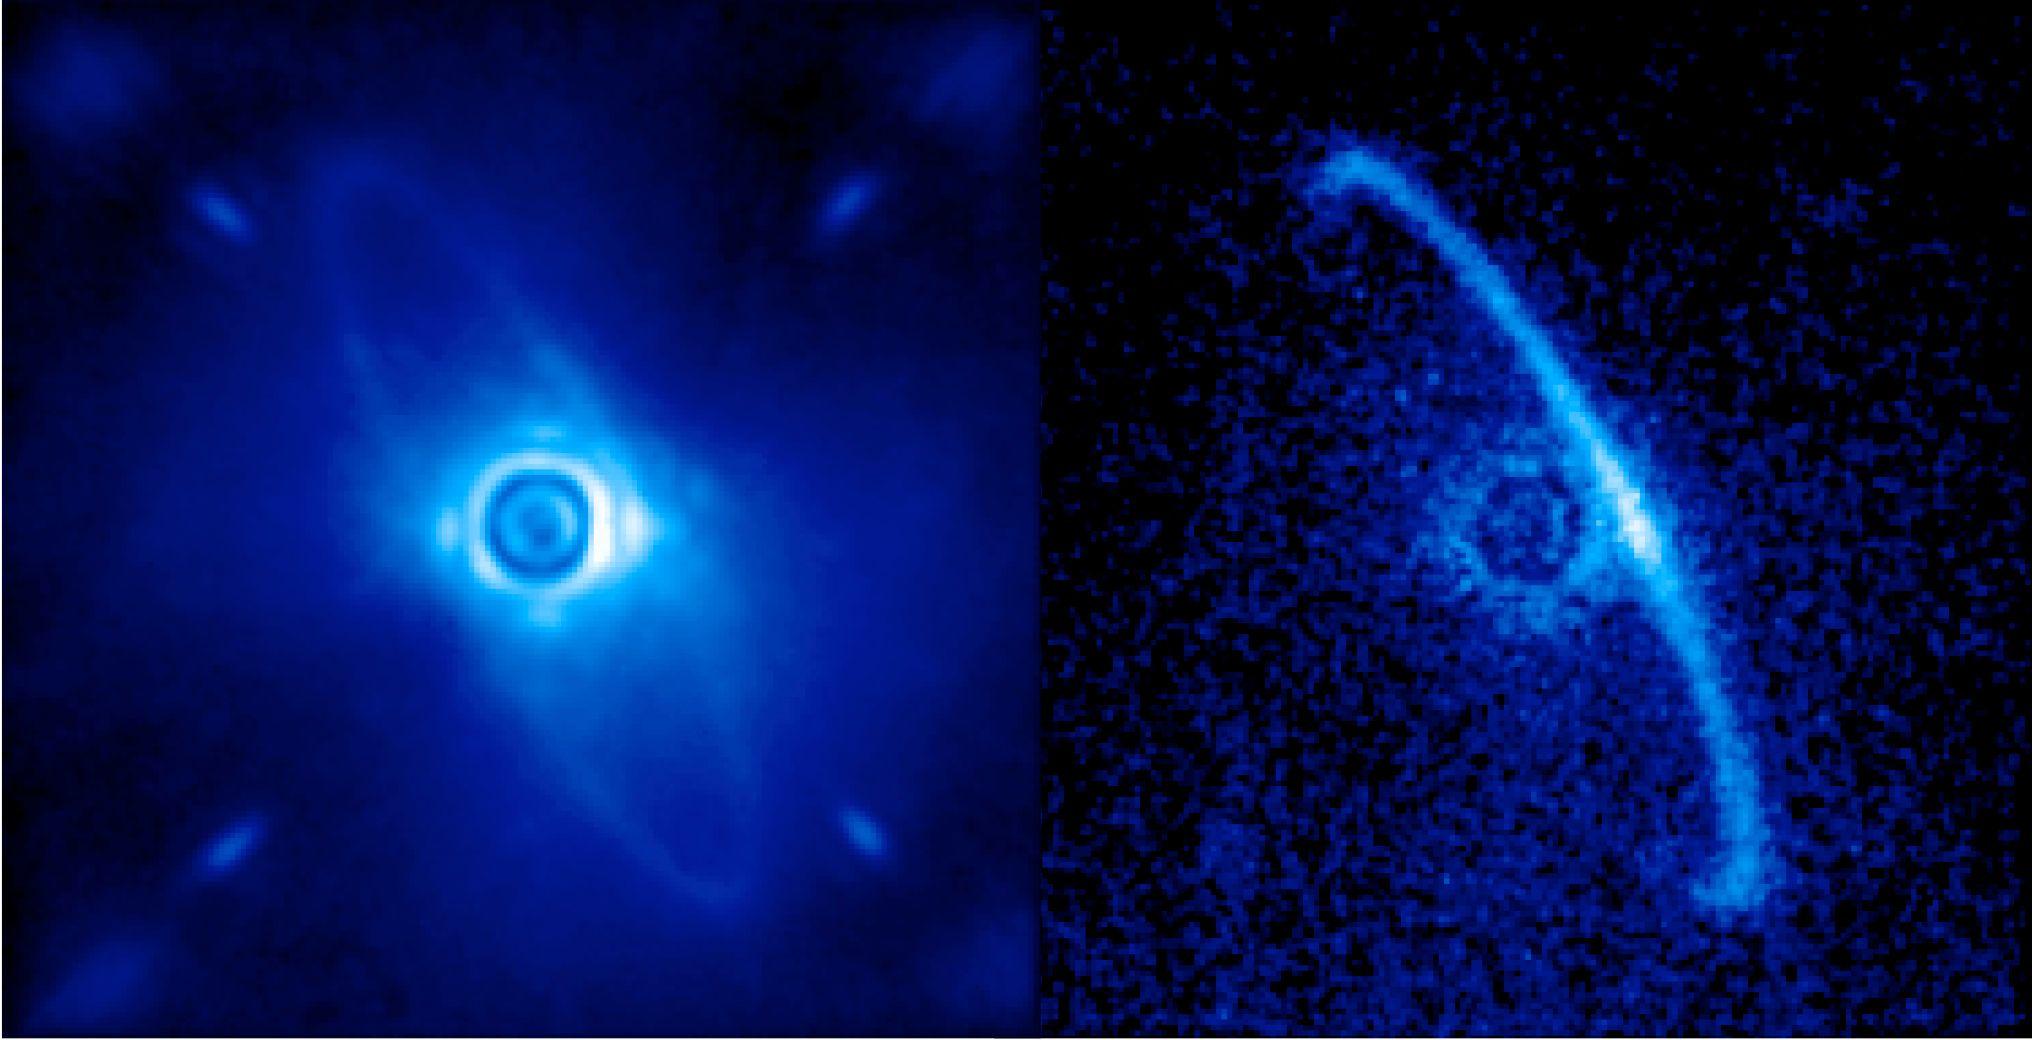 Bêta Pictoris b : le gros plan inédit de cette énorme exoplanète 2 fois plus massive que Jupiter